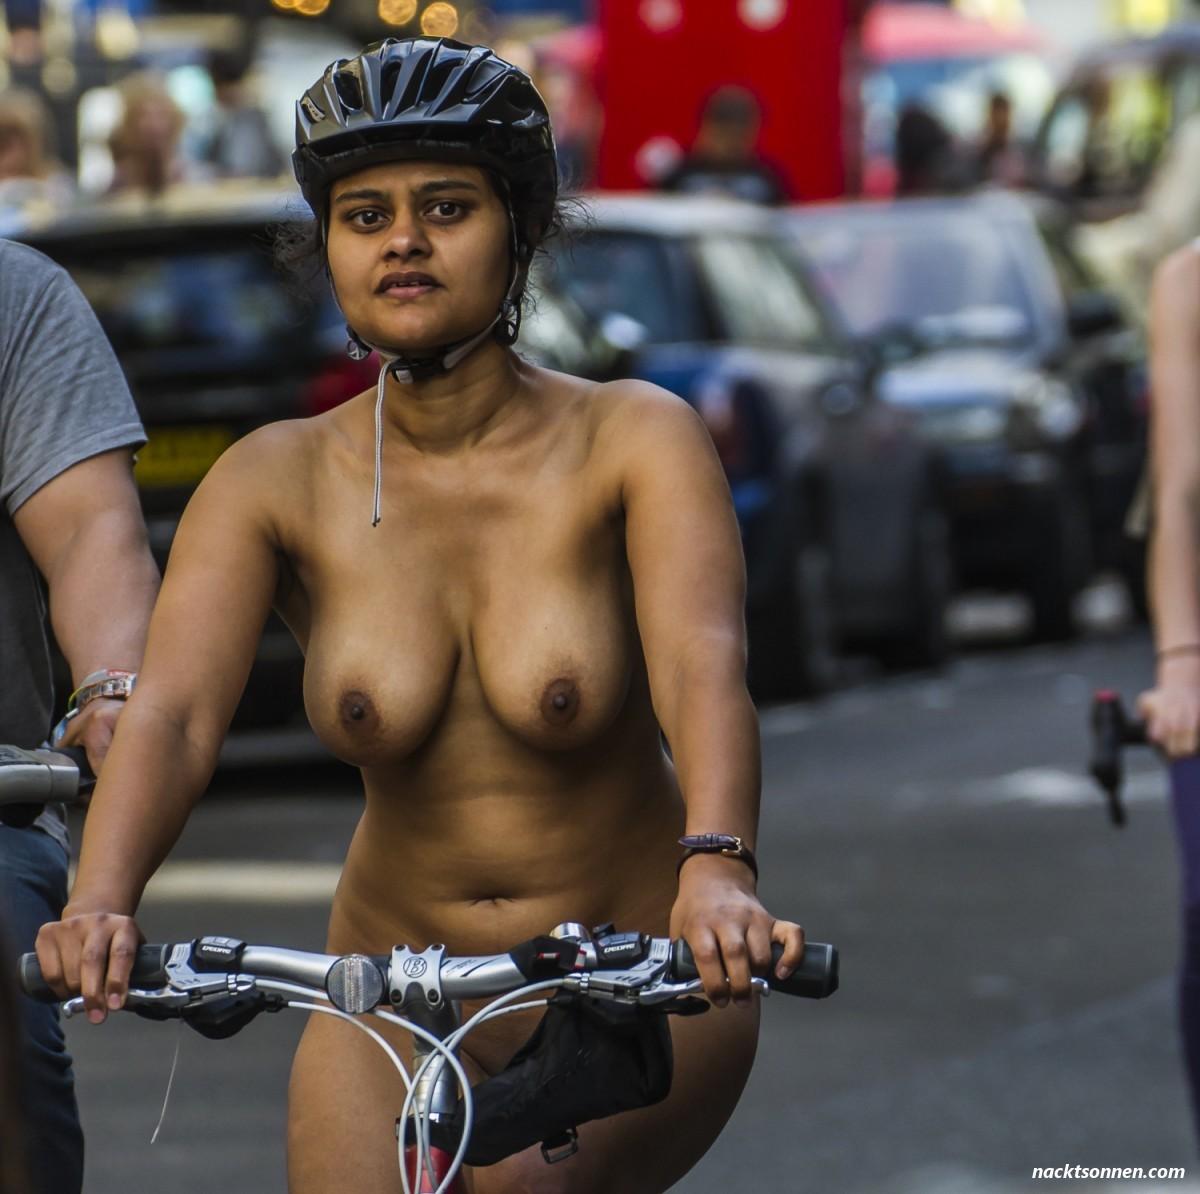 Radfahren Nackt